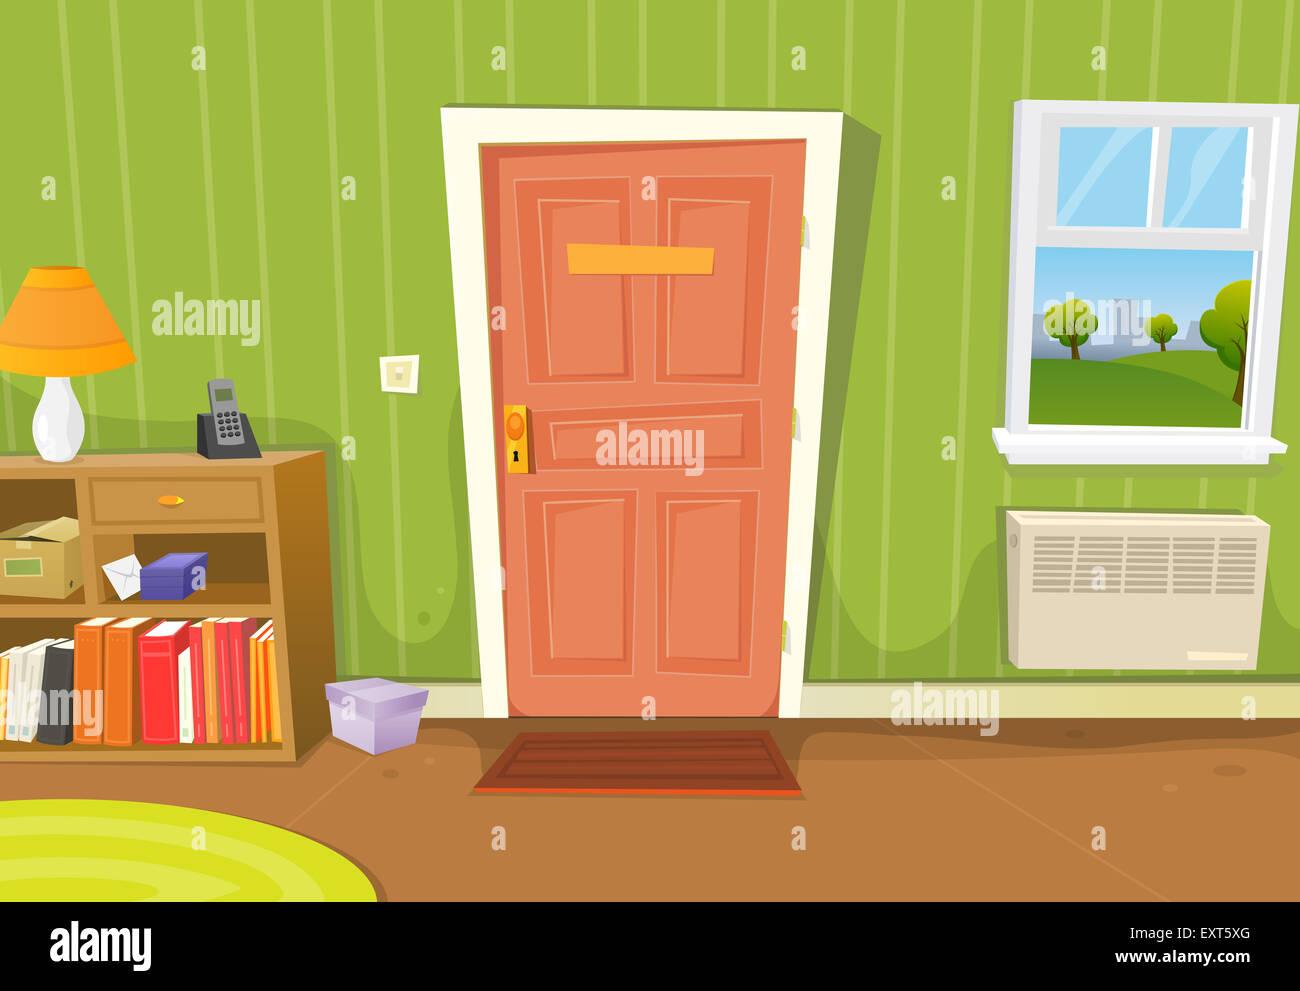 Illustration dun cartoon home intérieur avec salon entrée de porte divers objets ménagers